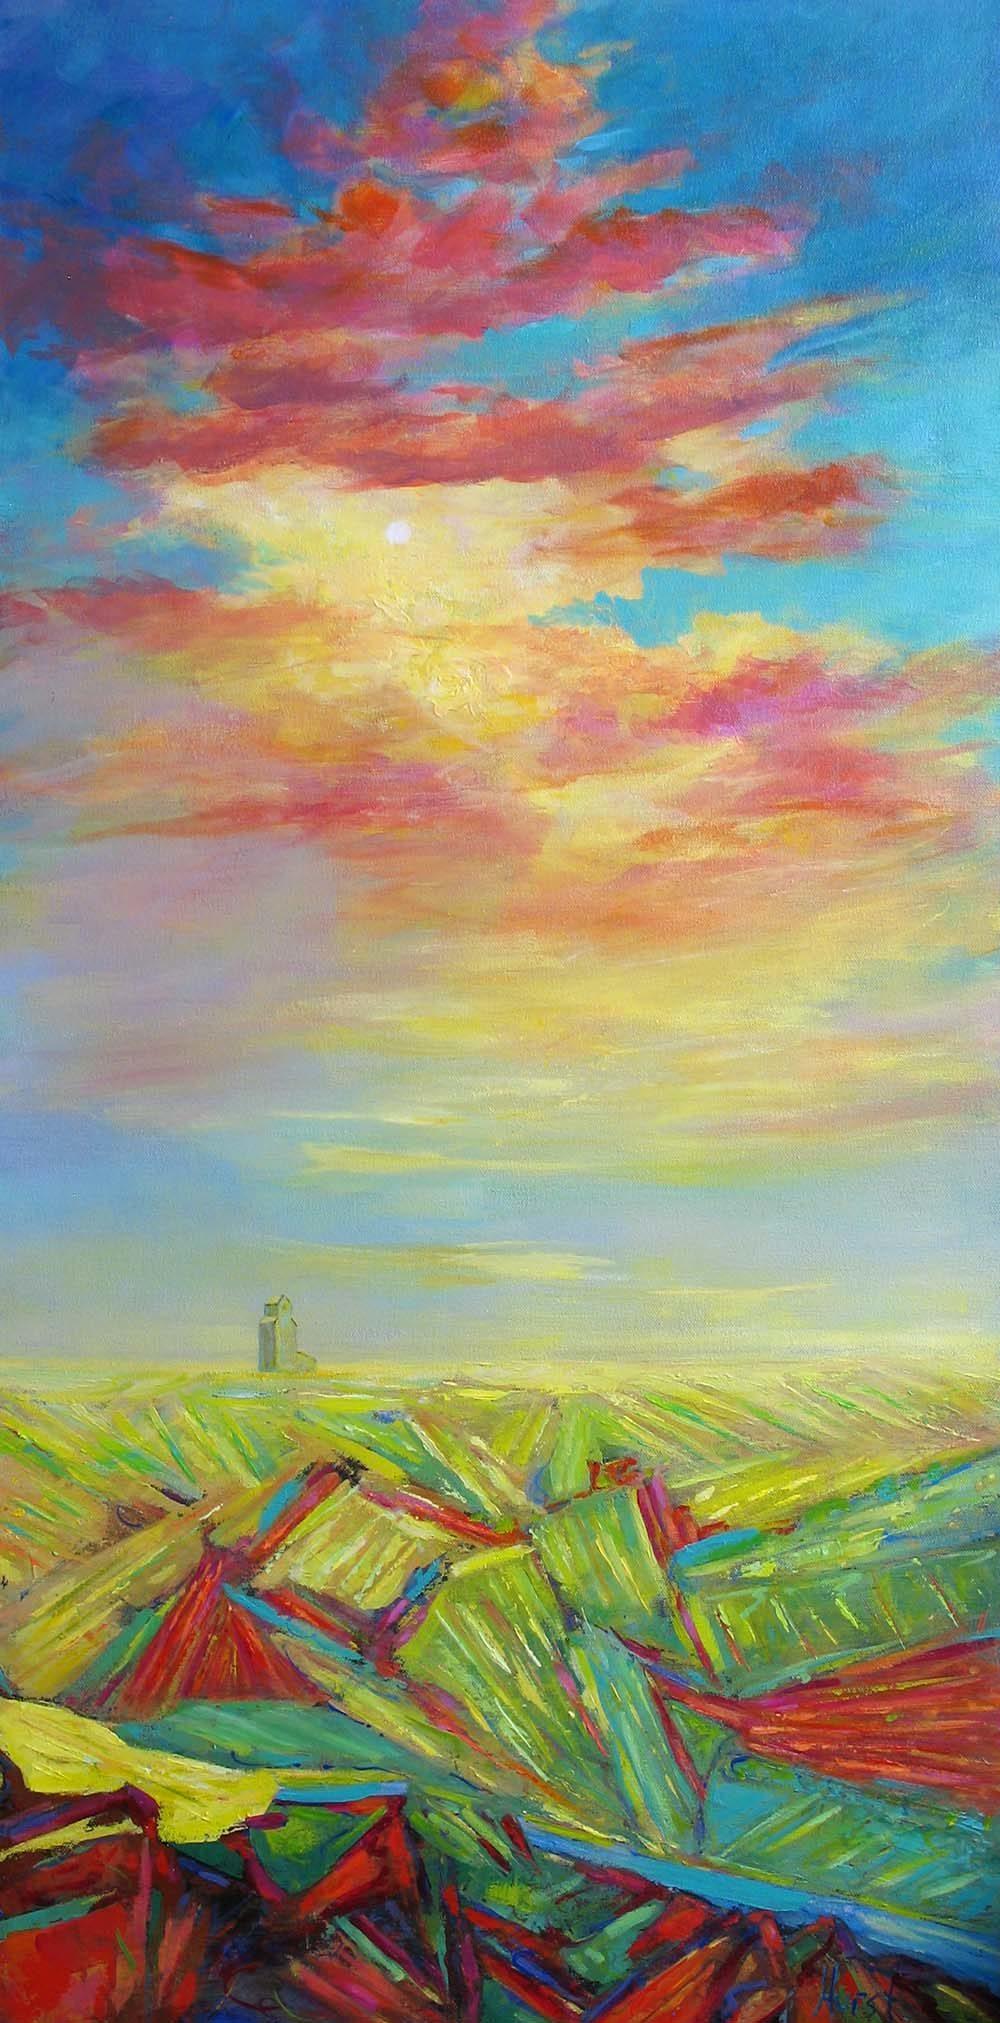 Patterns - Marilyn Hurst